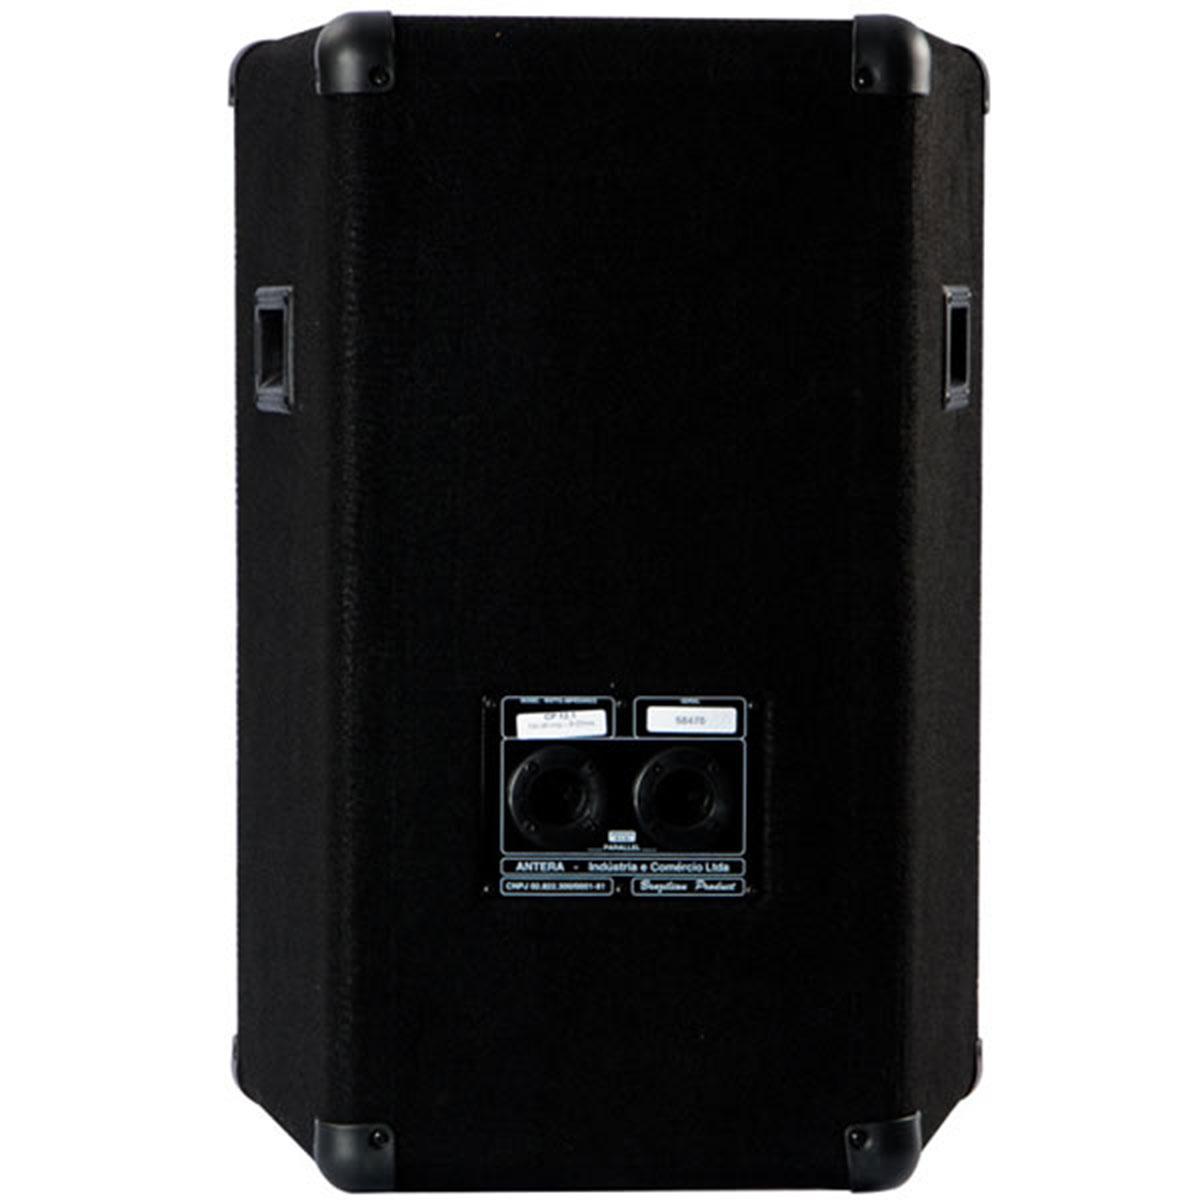 Caixa Passiva Fal 12 Pol 150W - CP 12.1 Antera